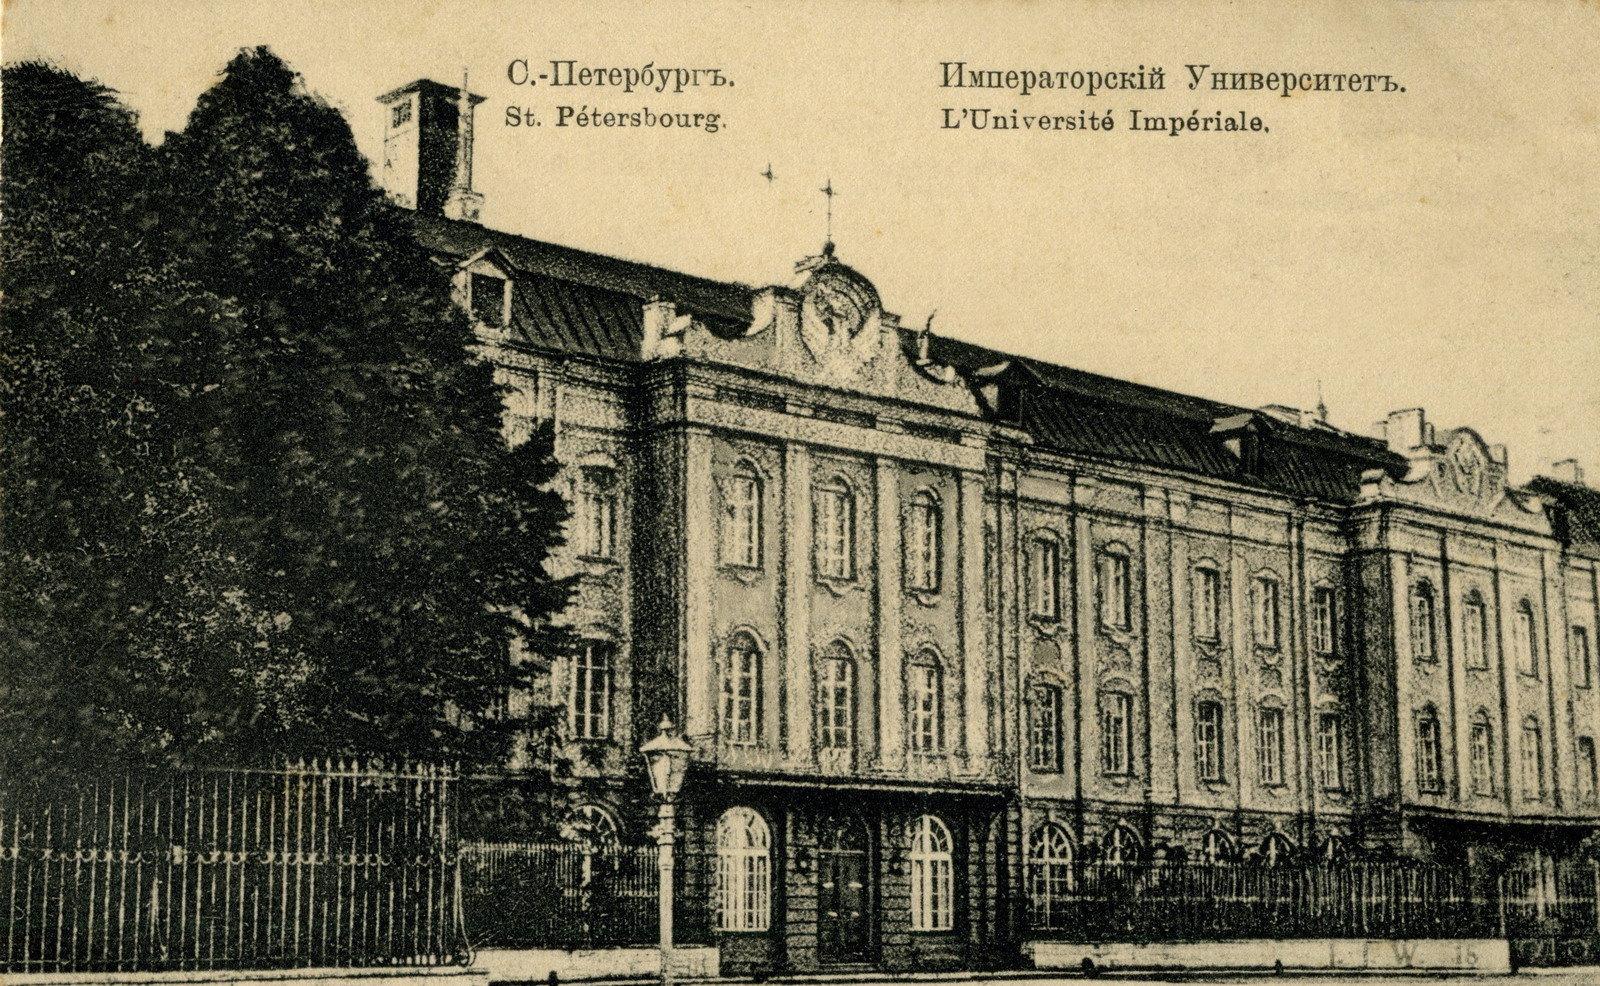 Будынак Санкт-Пецярбурскага ўніверсітэта